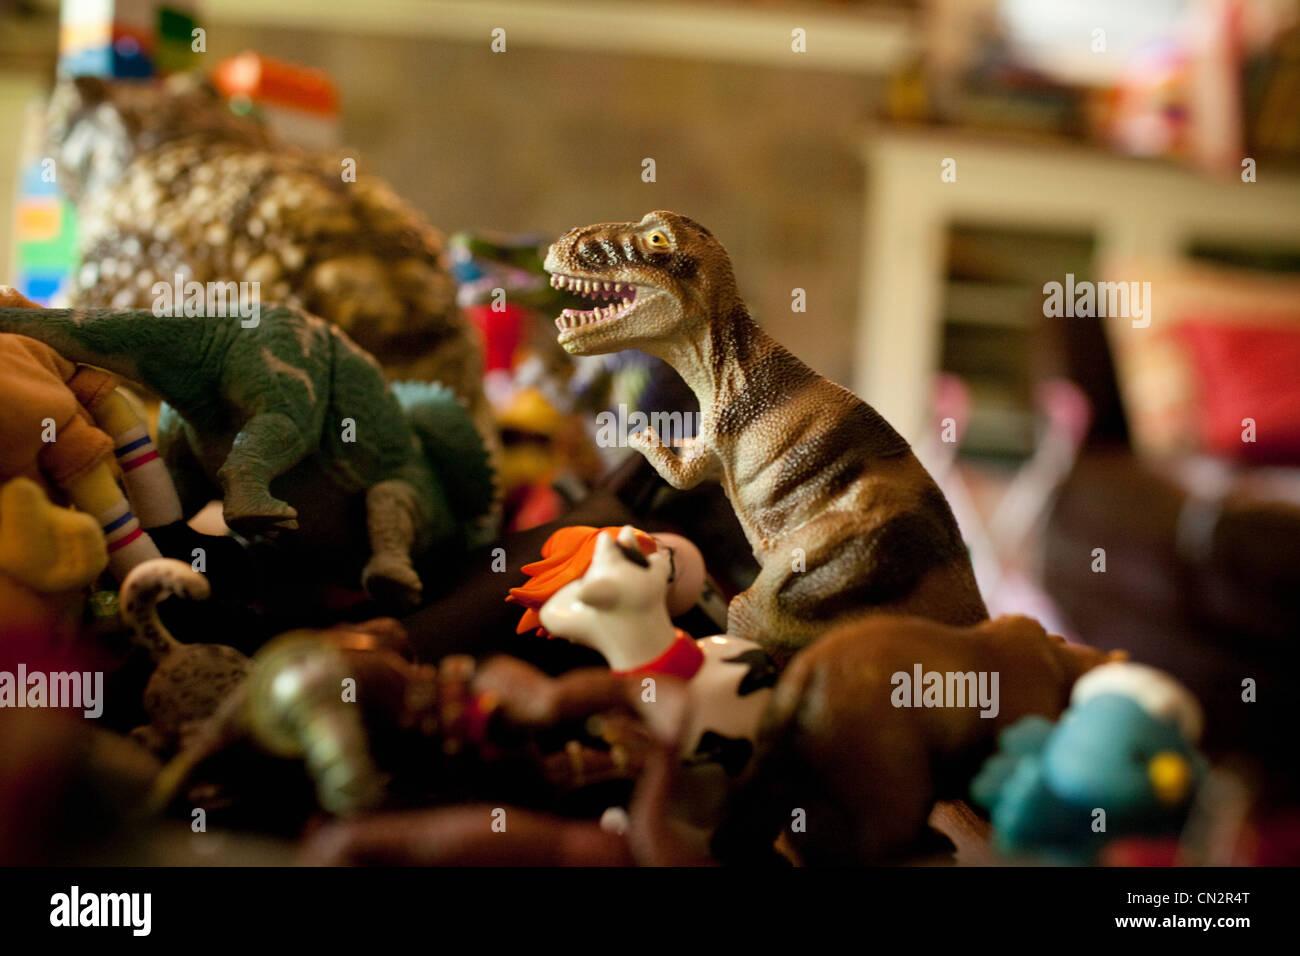 Les jouets de la petite enfance, Close up Banque D'Images